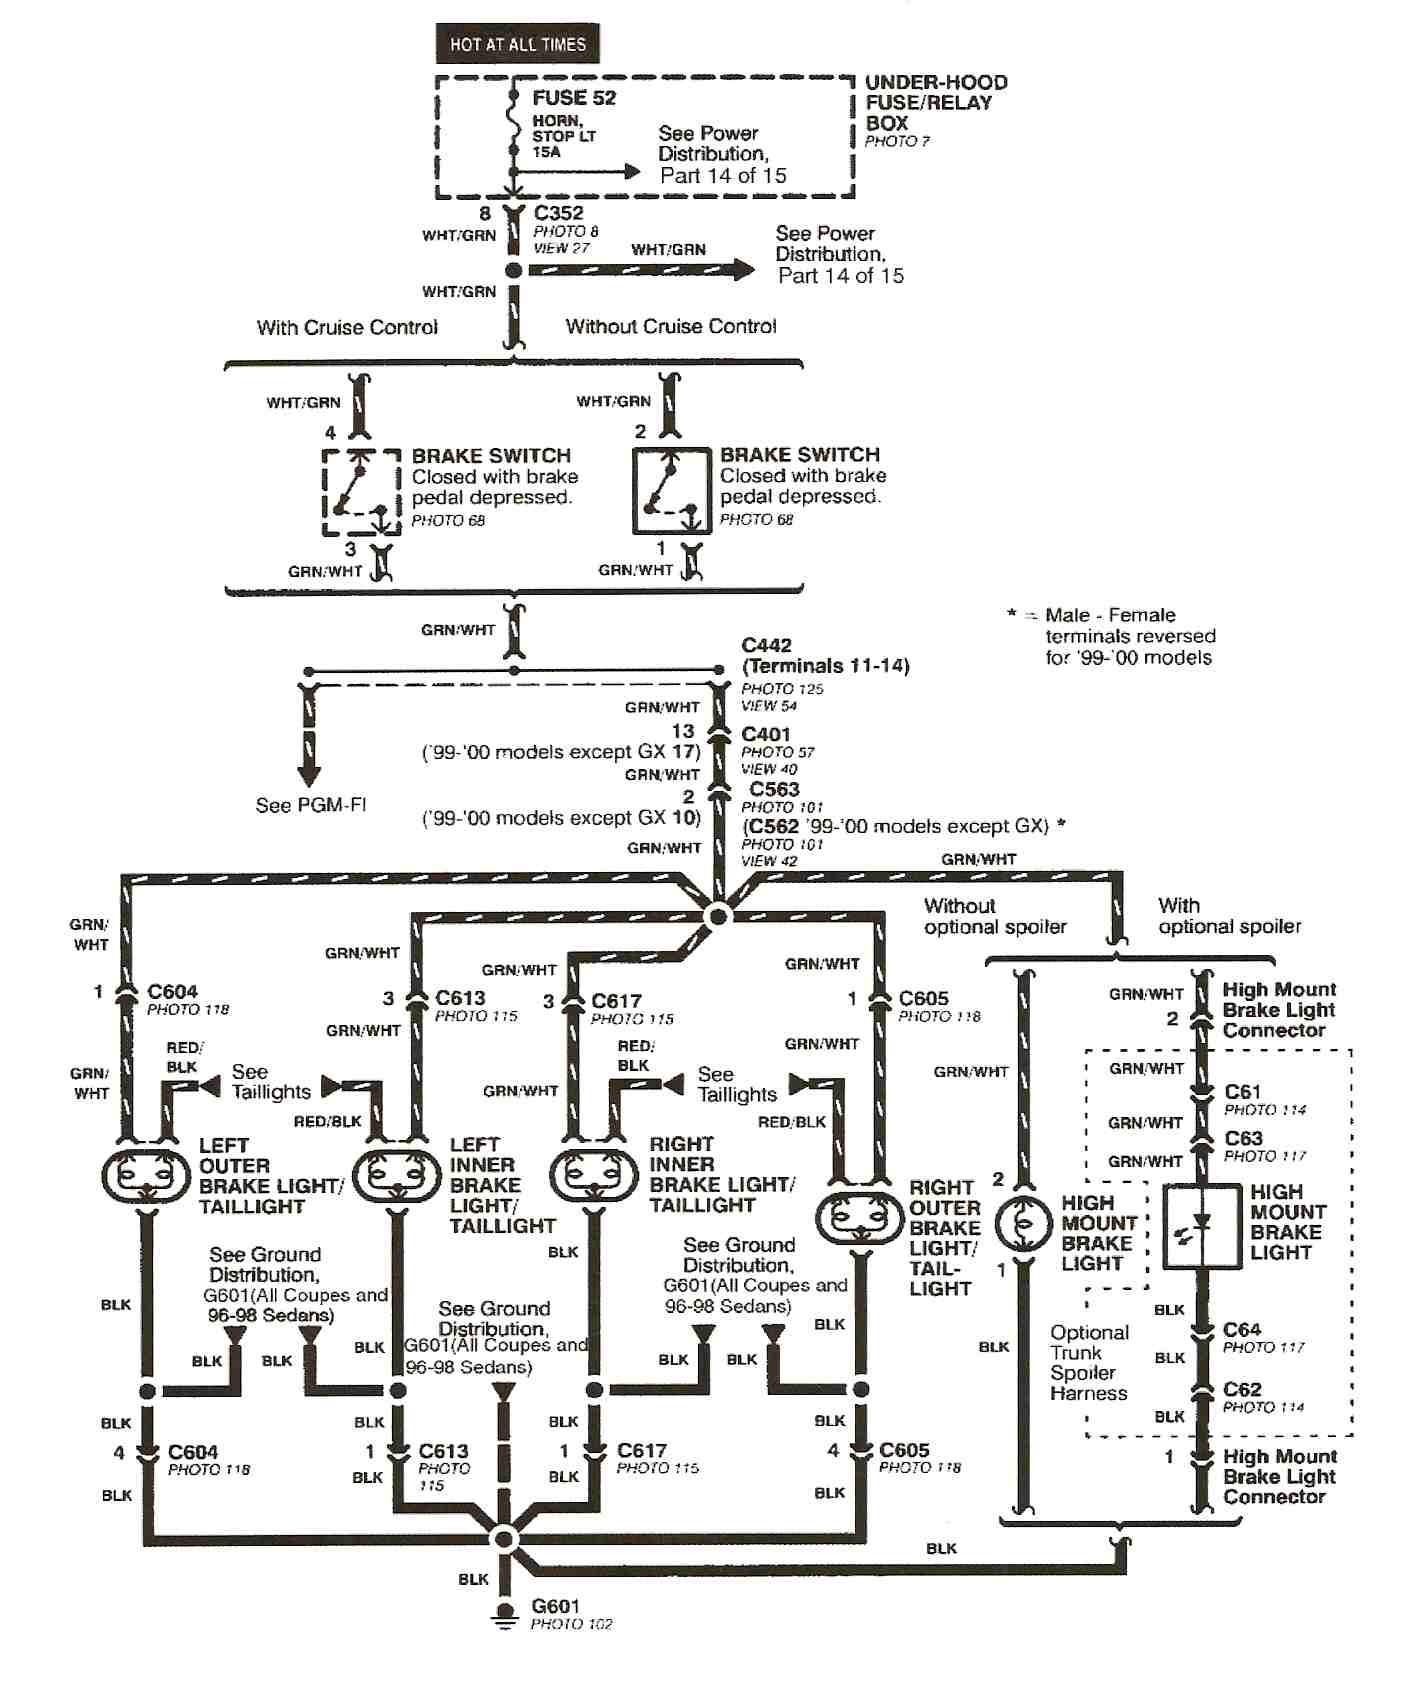 Honda Civik Ek Engine Wiring Diagram Diagram Honda Civic Wiring Diagram Engine Start System Full Of Honda Civik Ek Engine Wiring Diagram